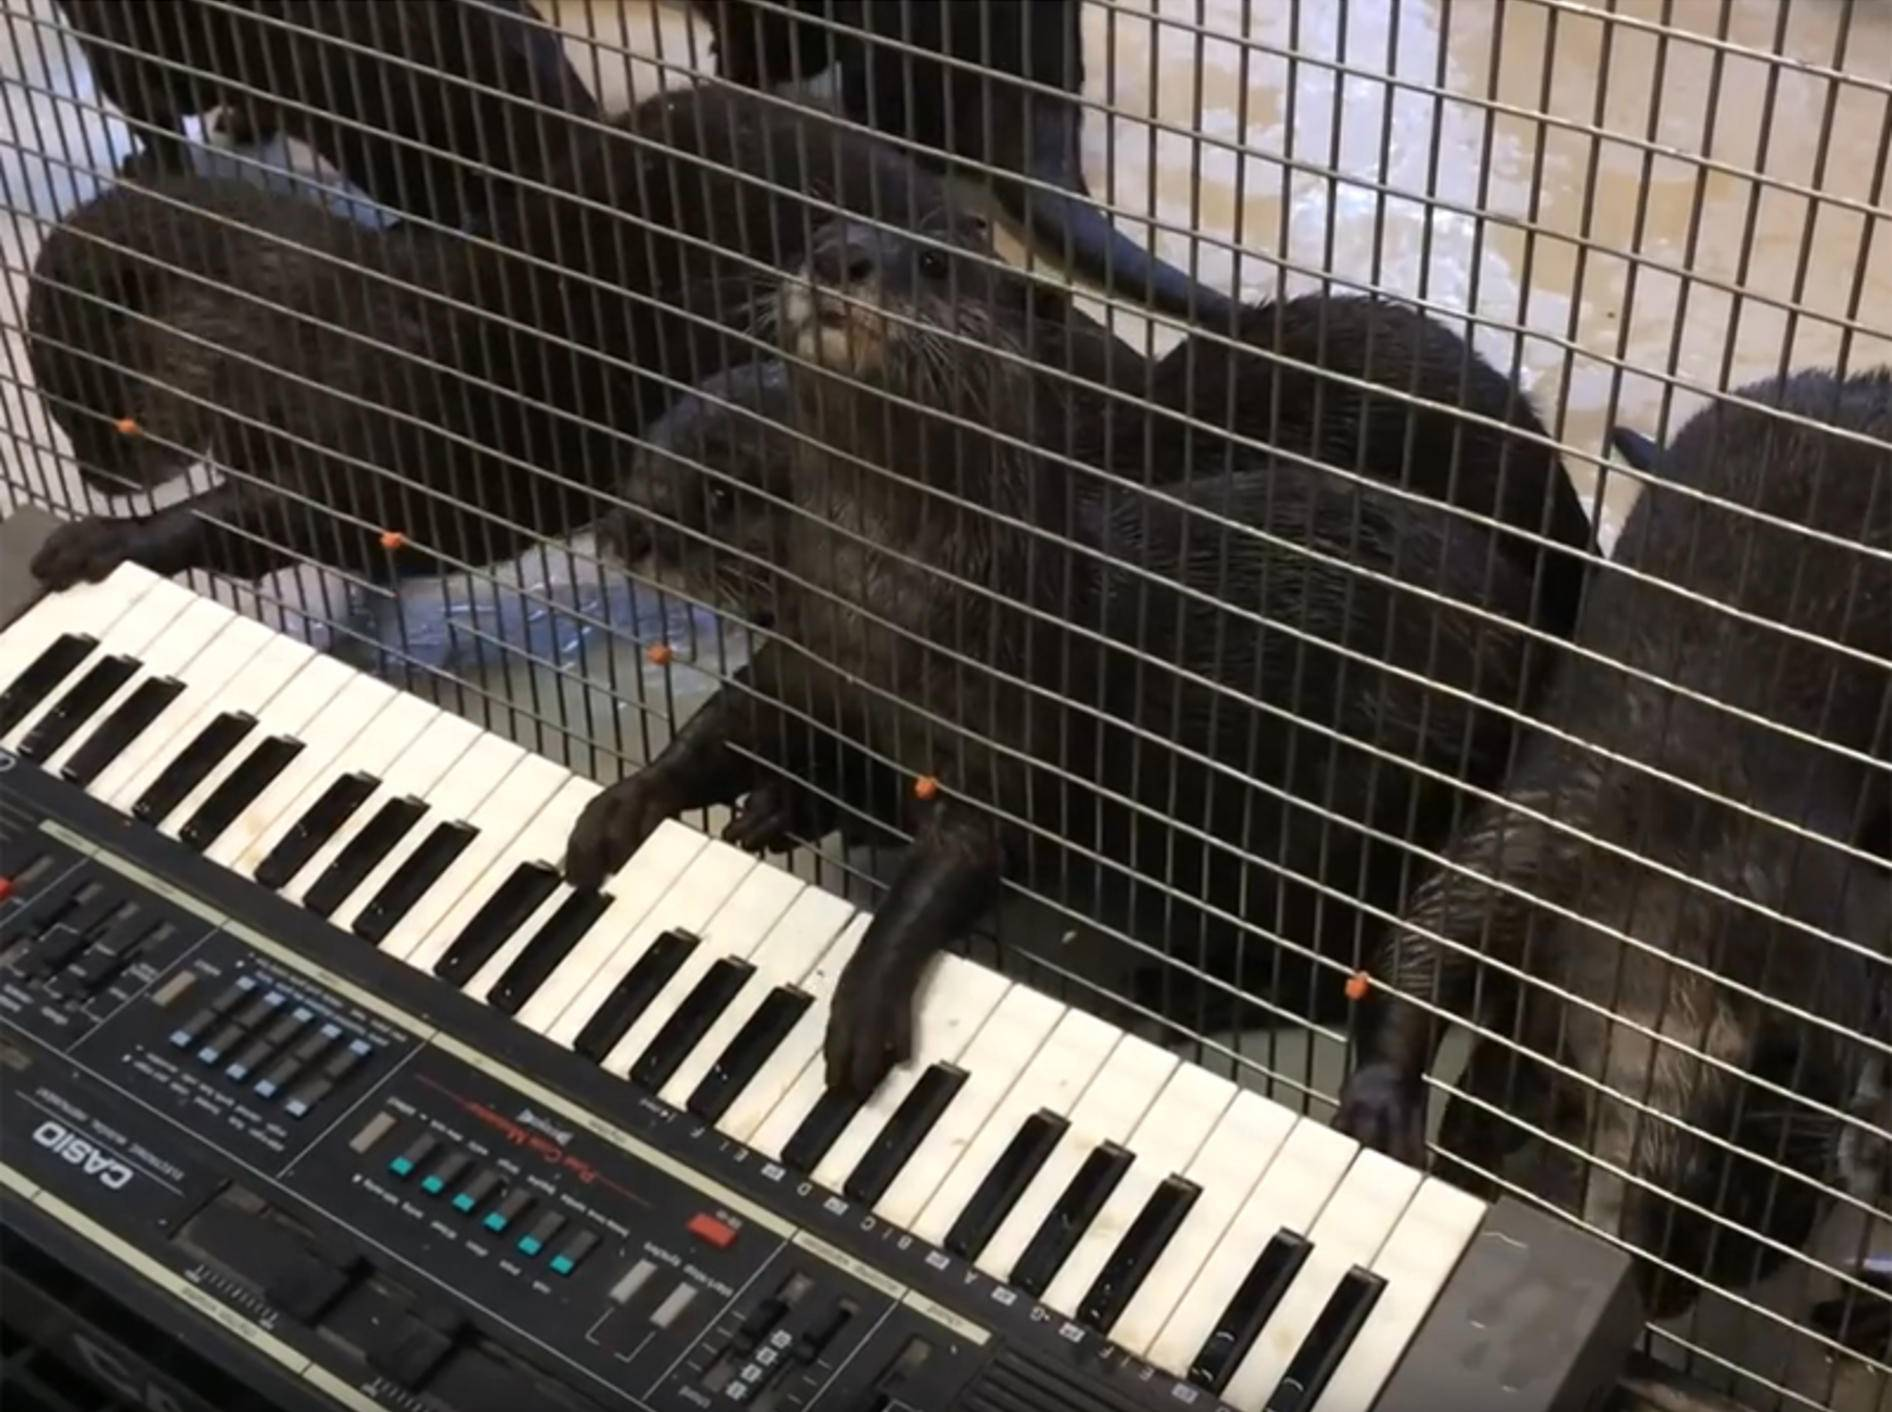 Ein Klavier, ein Klavier! Süße Otter sind sehr musikalisch – YouTube / Smithsonian's National Zoo